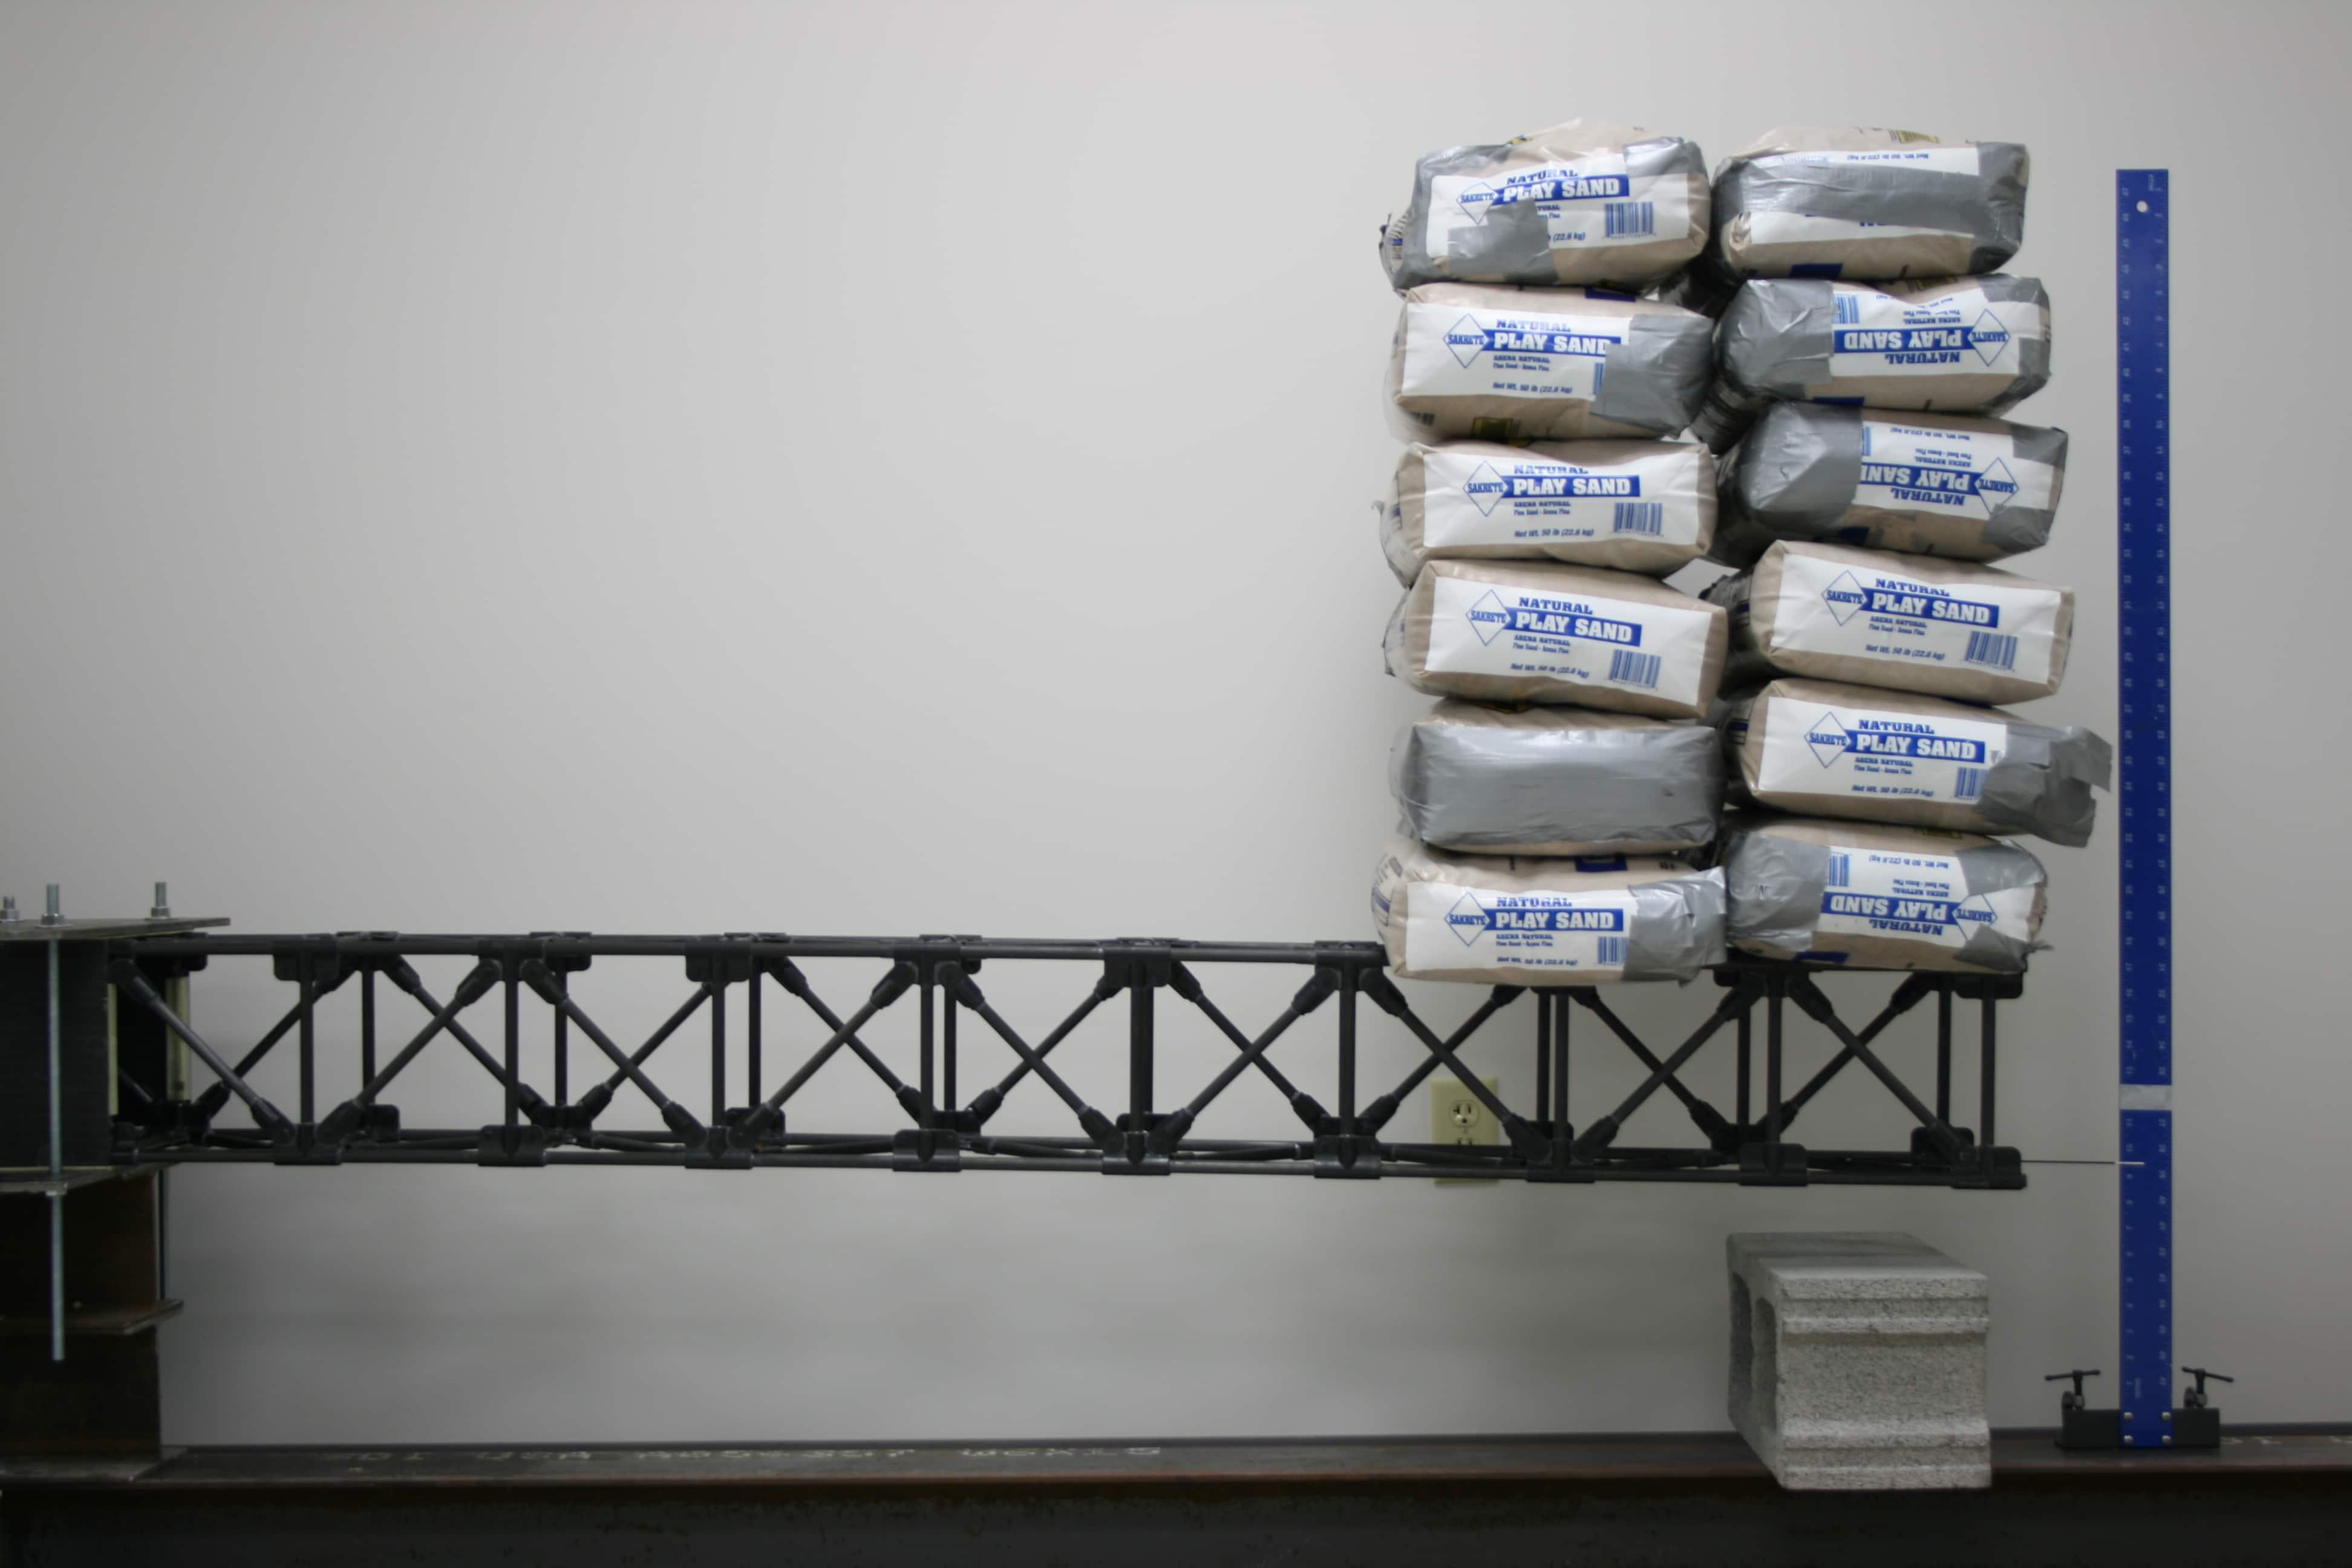 carbon fiber truss 800lb beam load